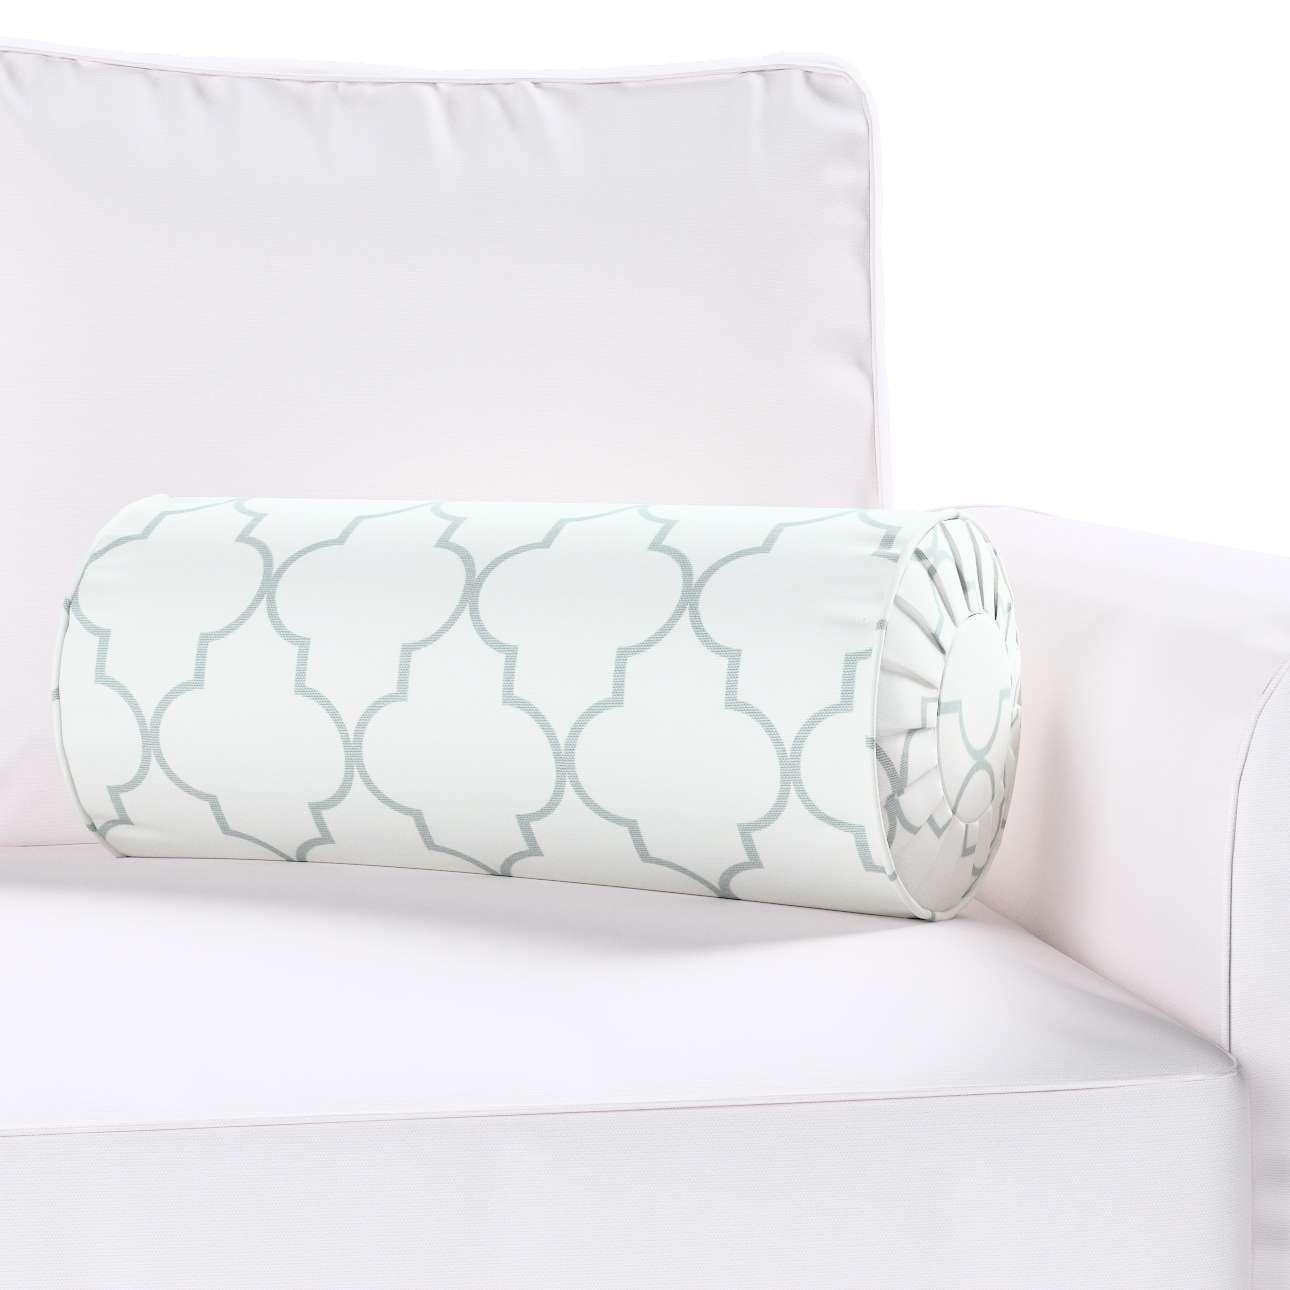 Ritinio formos  pagalvėlės užvalkalas su klostėmis Ø 20 x 50 cm kolekcijoje Comics Prints, audinys: 137-85